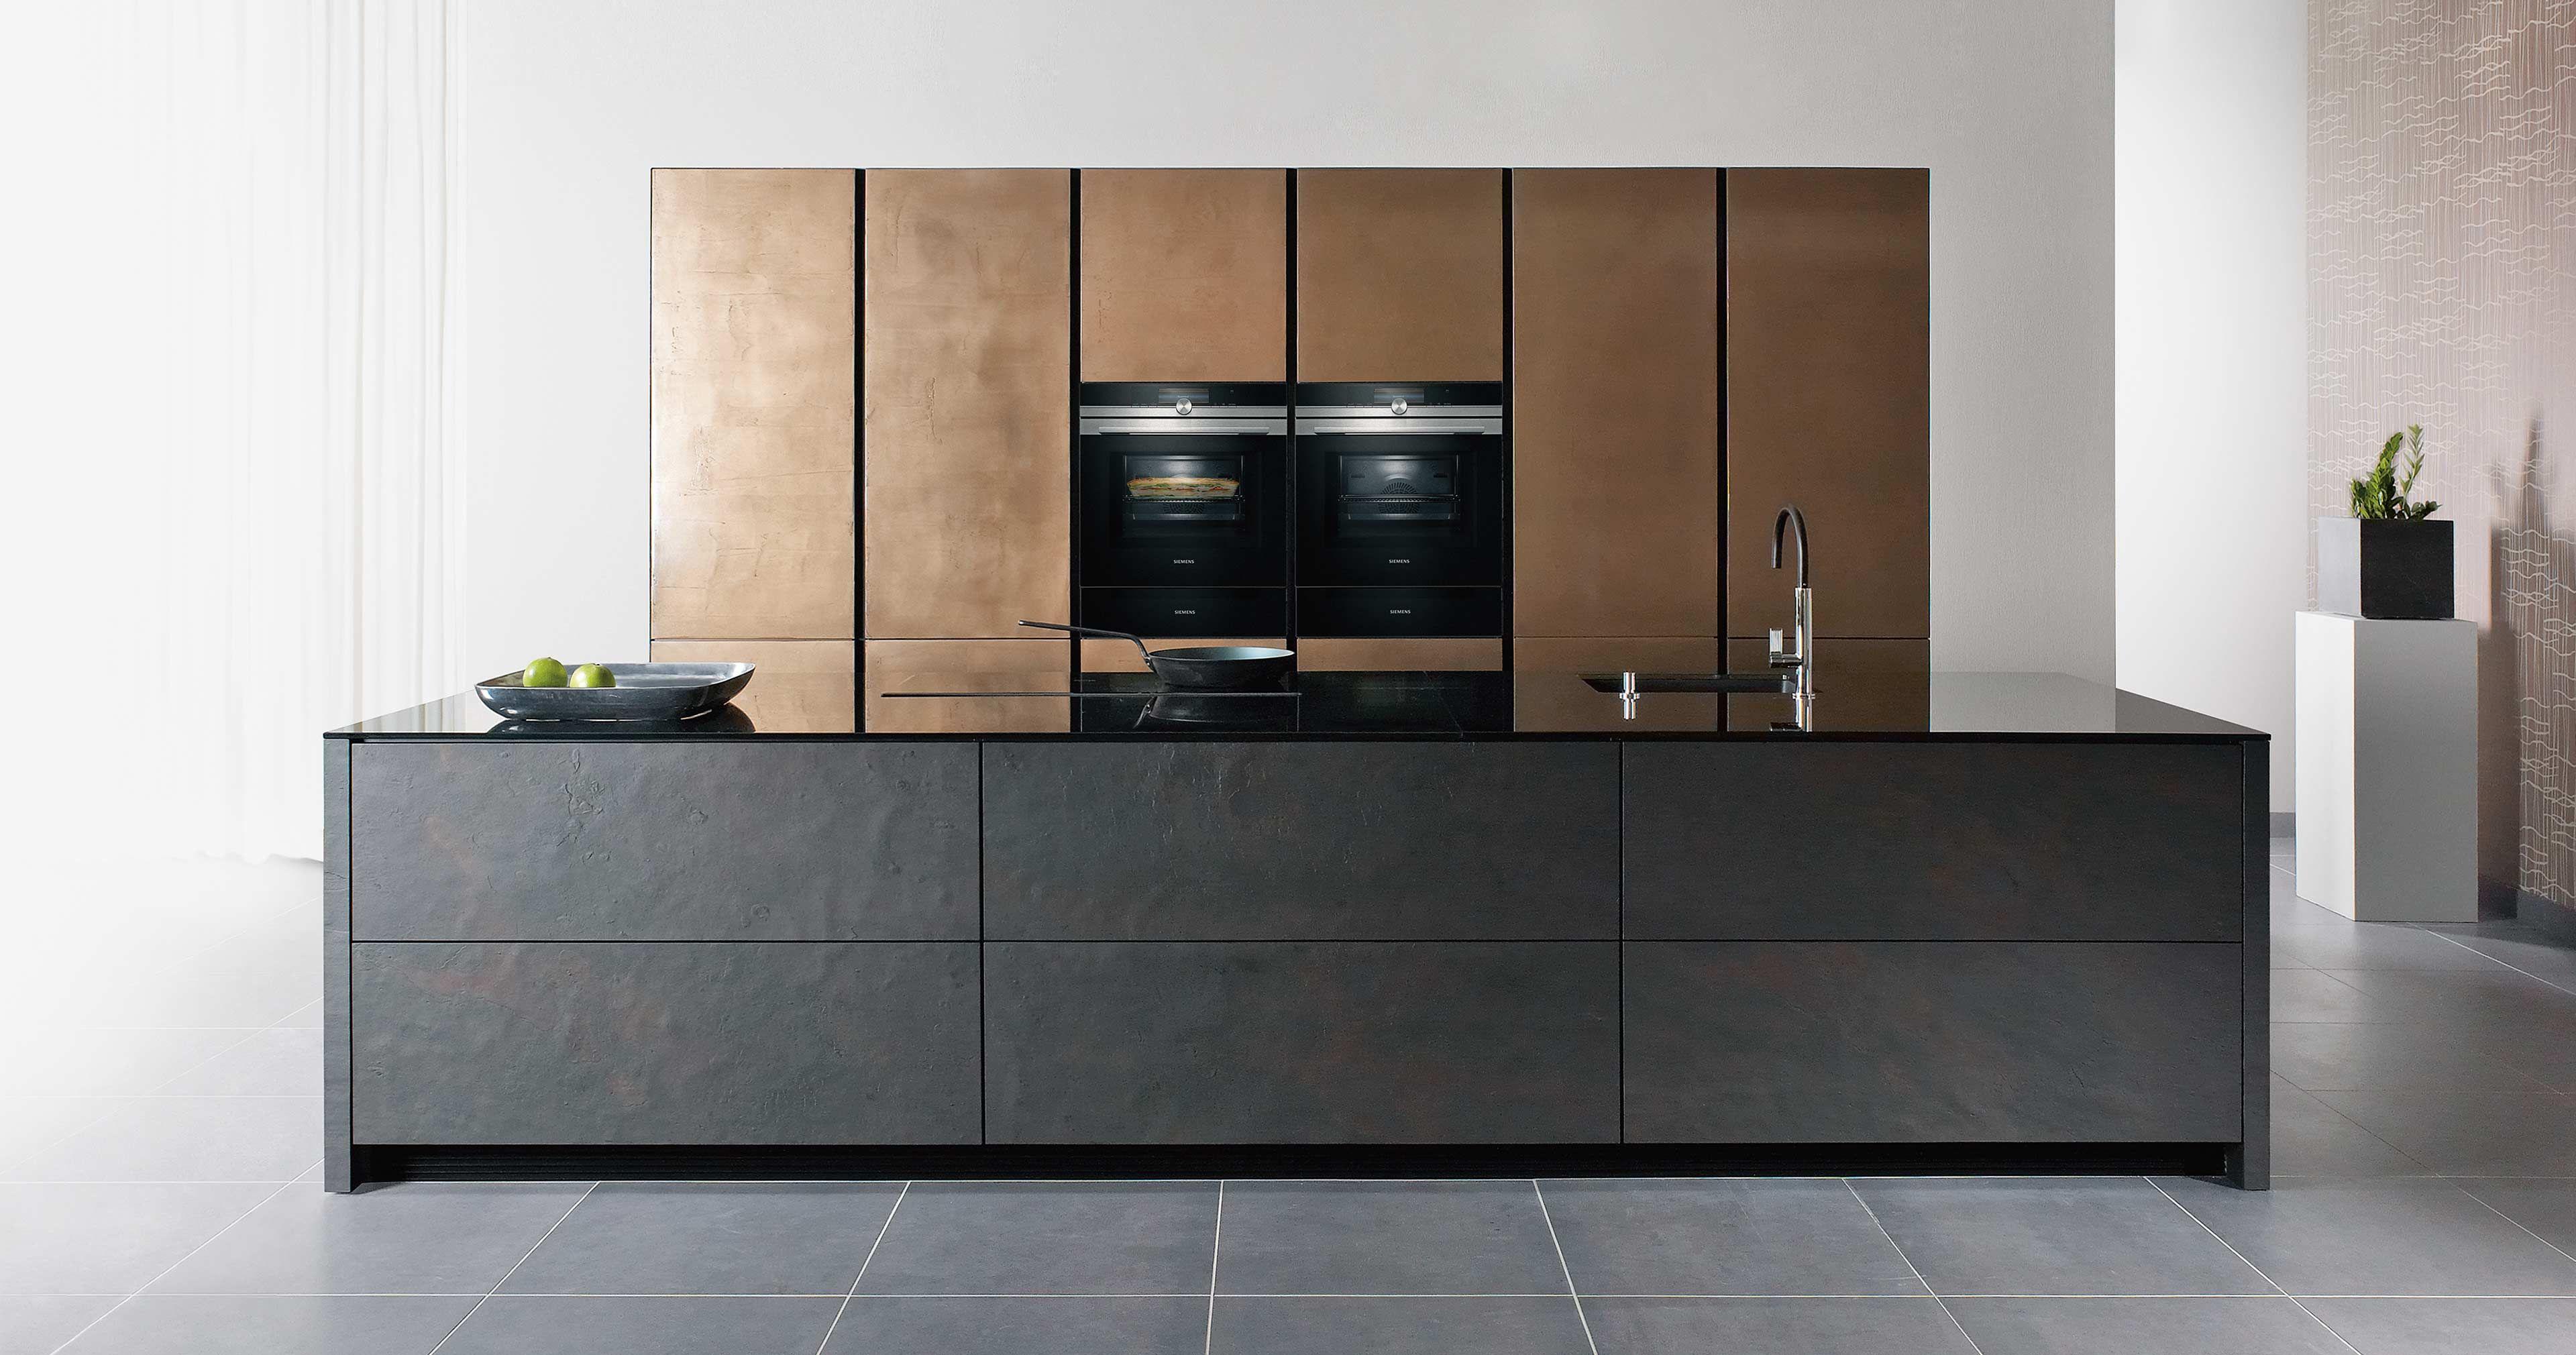 Forum Stone Schiefer + Metal-X Bronze   zeyko Küchen   Küche ...